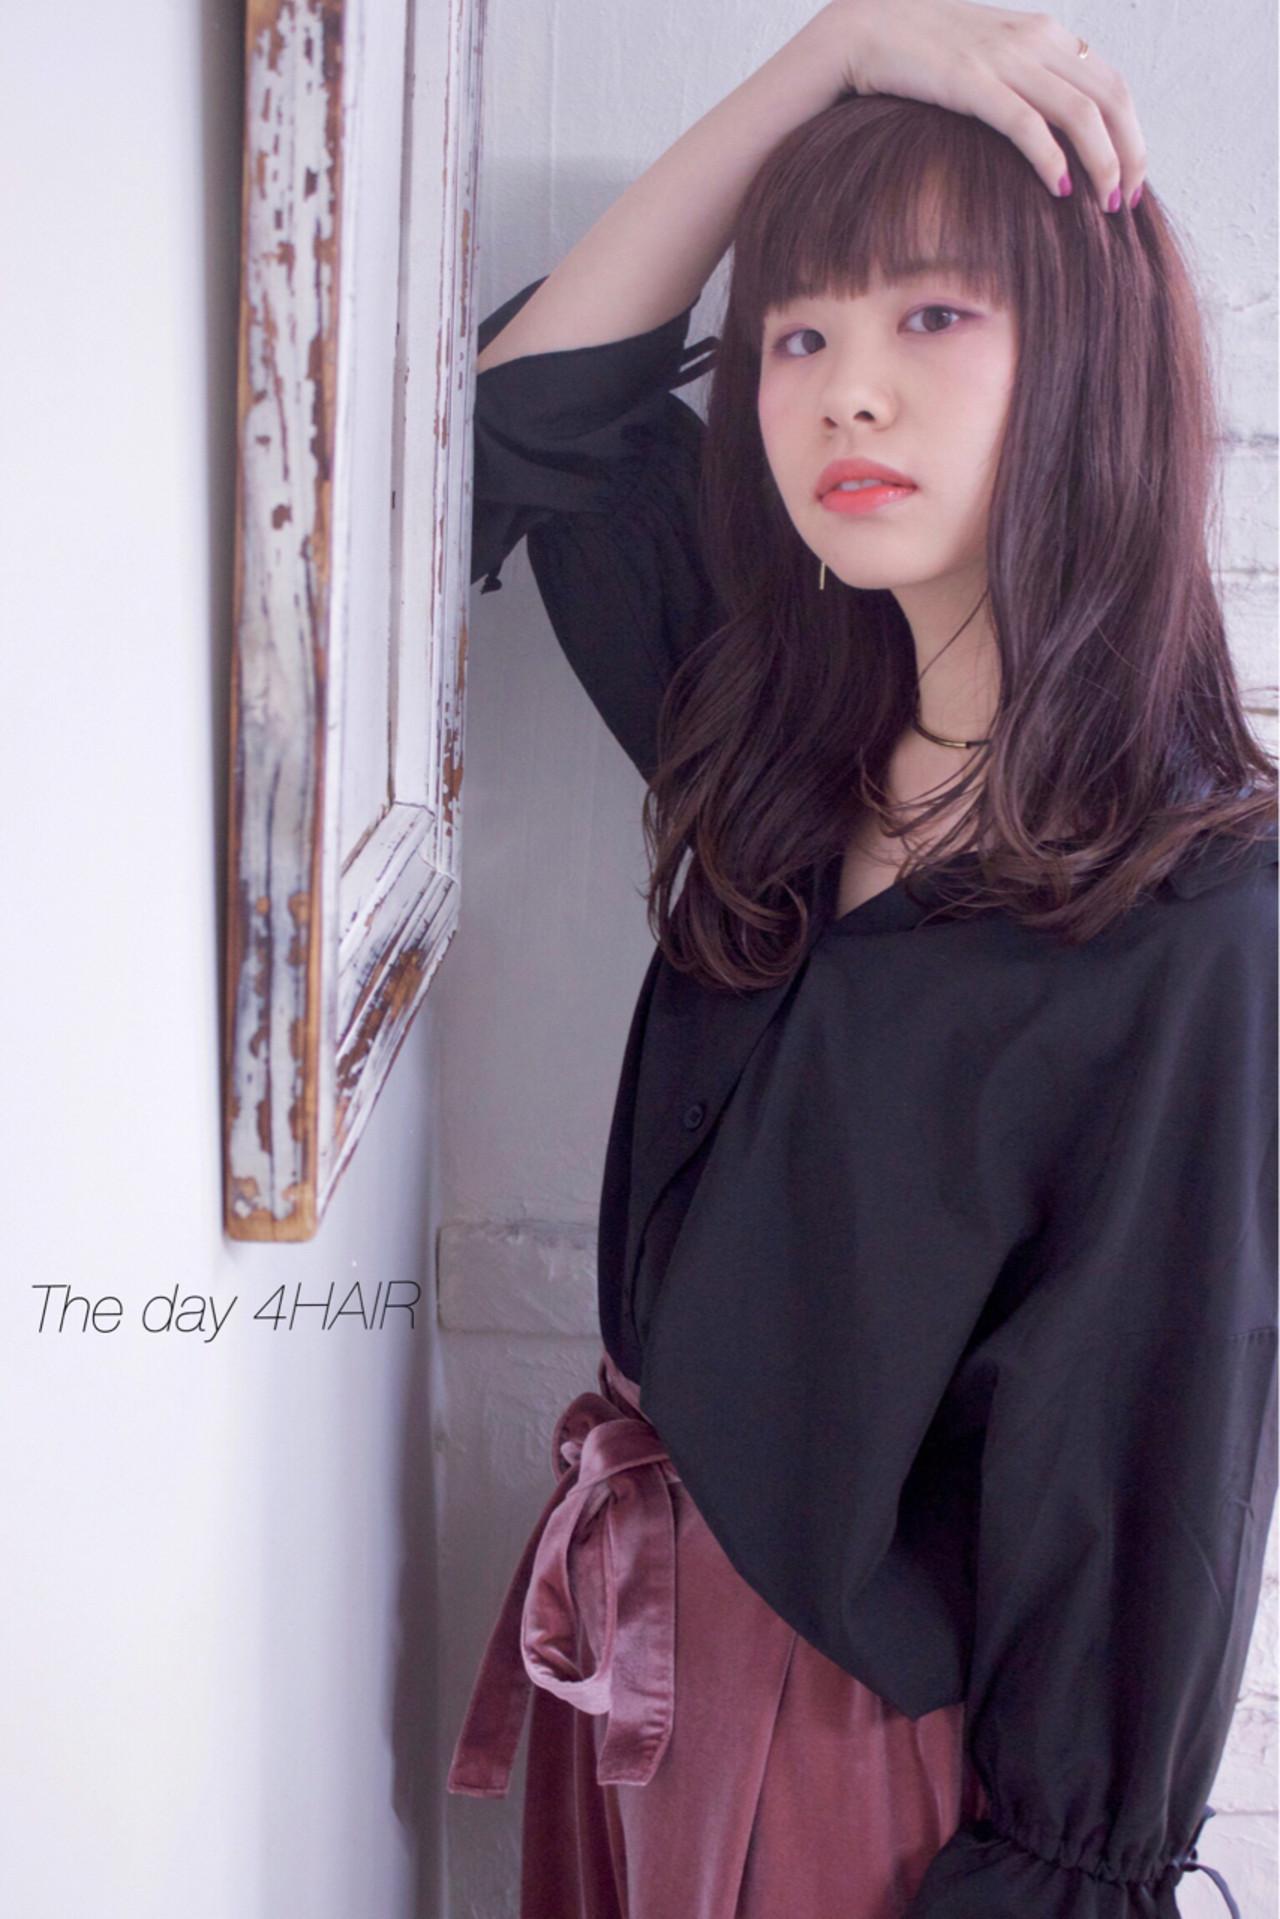 ラベンダー セミロング ラベンダーピンク フェミニン ヘアスタイルや髪型の写真・画像